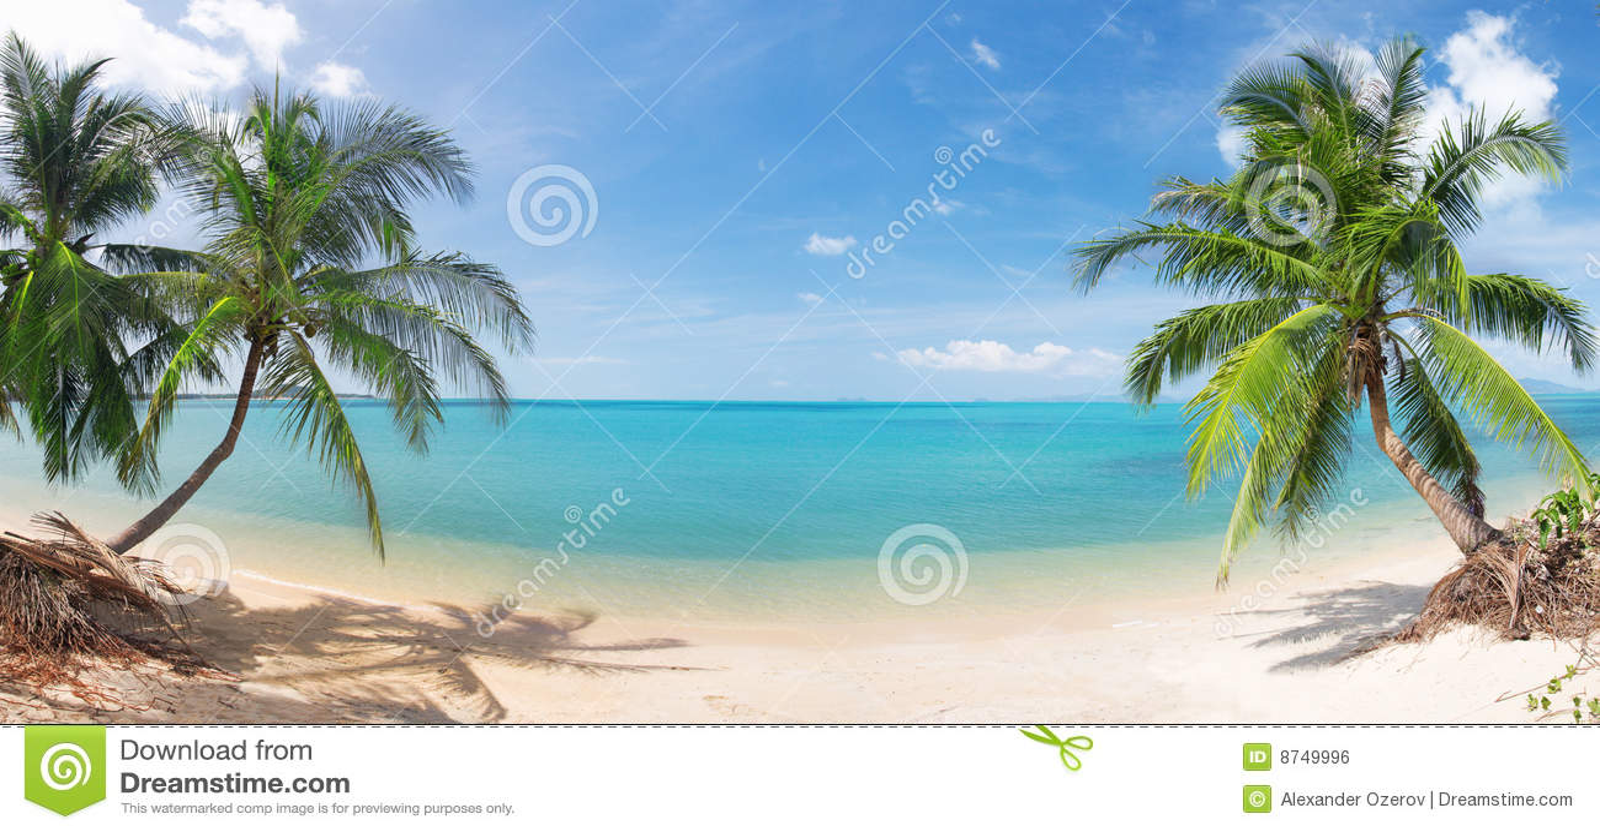 Praia tropical panorâmico com palma de coco